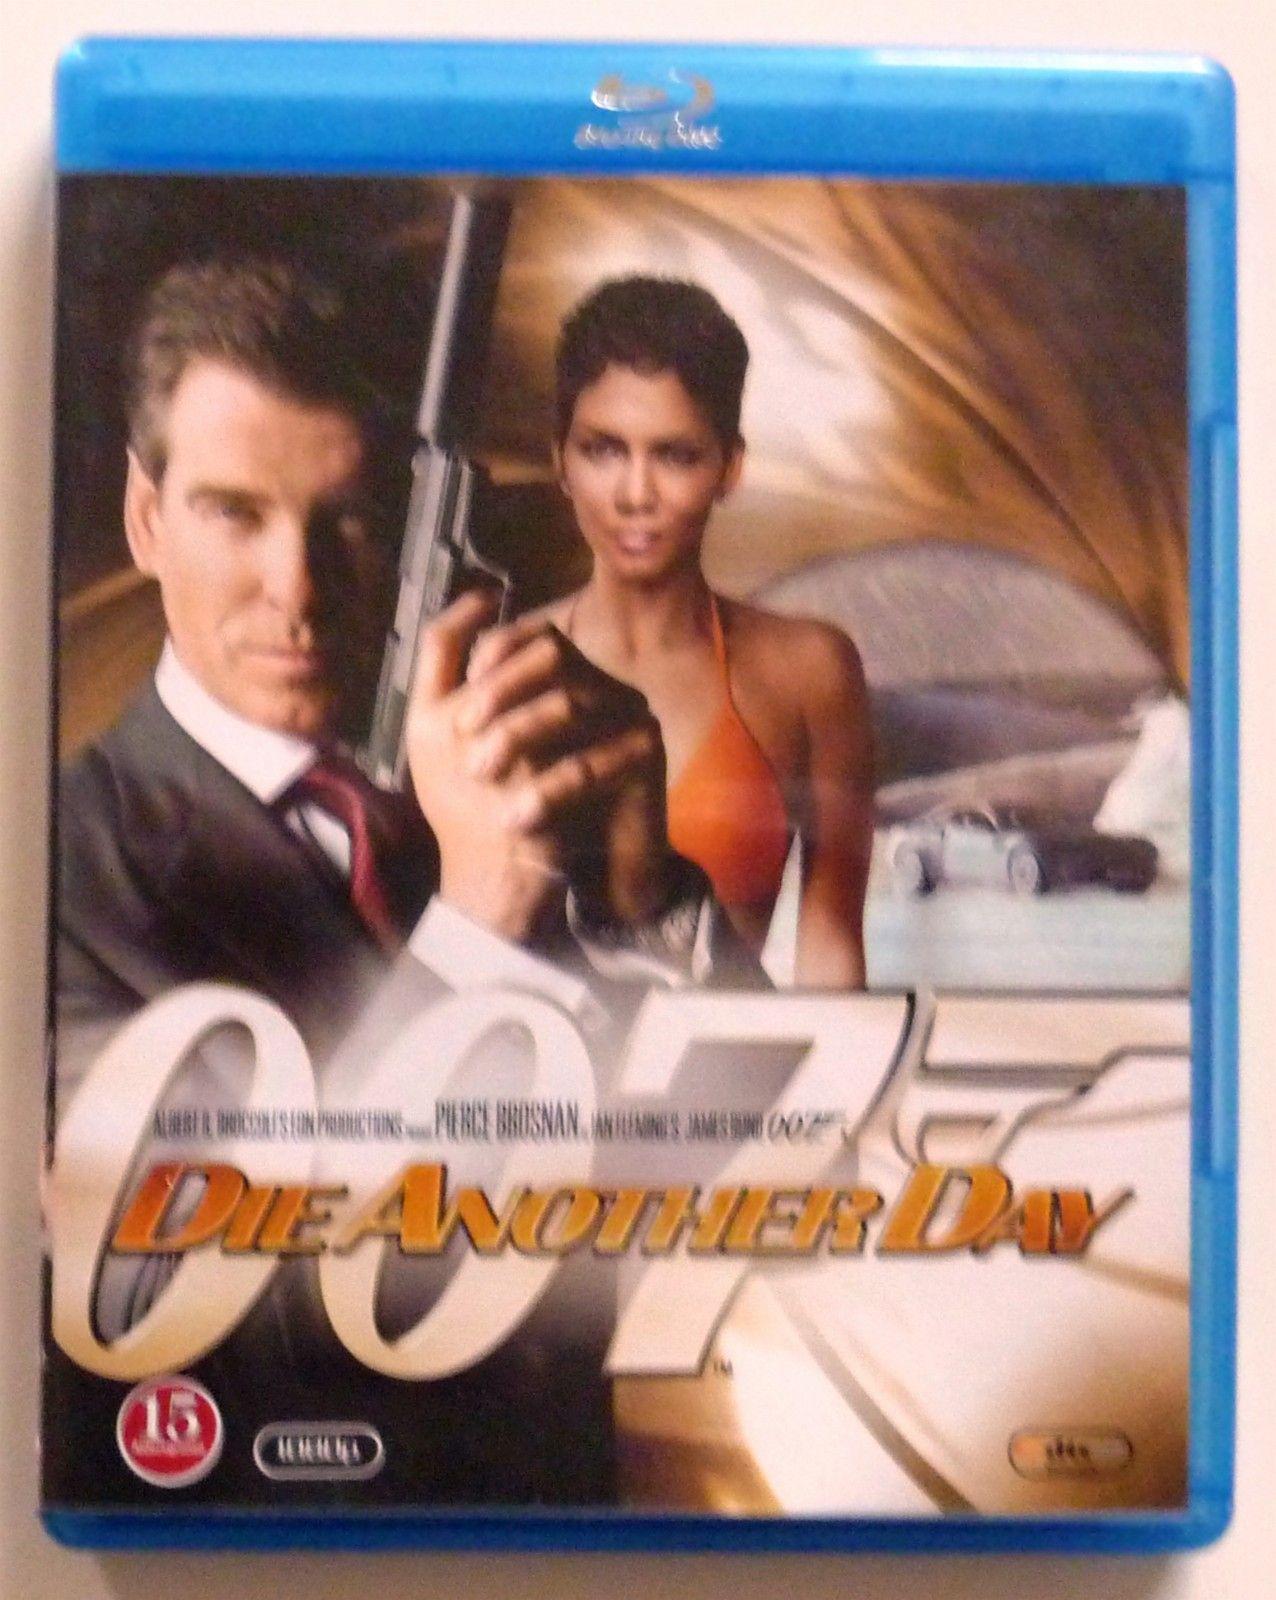 007 Die Another Day - Ski  - 007 Die Another Day med Pierce Brosnan på blueray gir en fantastisk kvalitet. Med ekstra materiell. Spennende film, kr. 50,-. - Ski